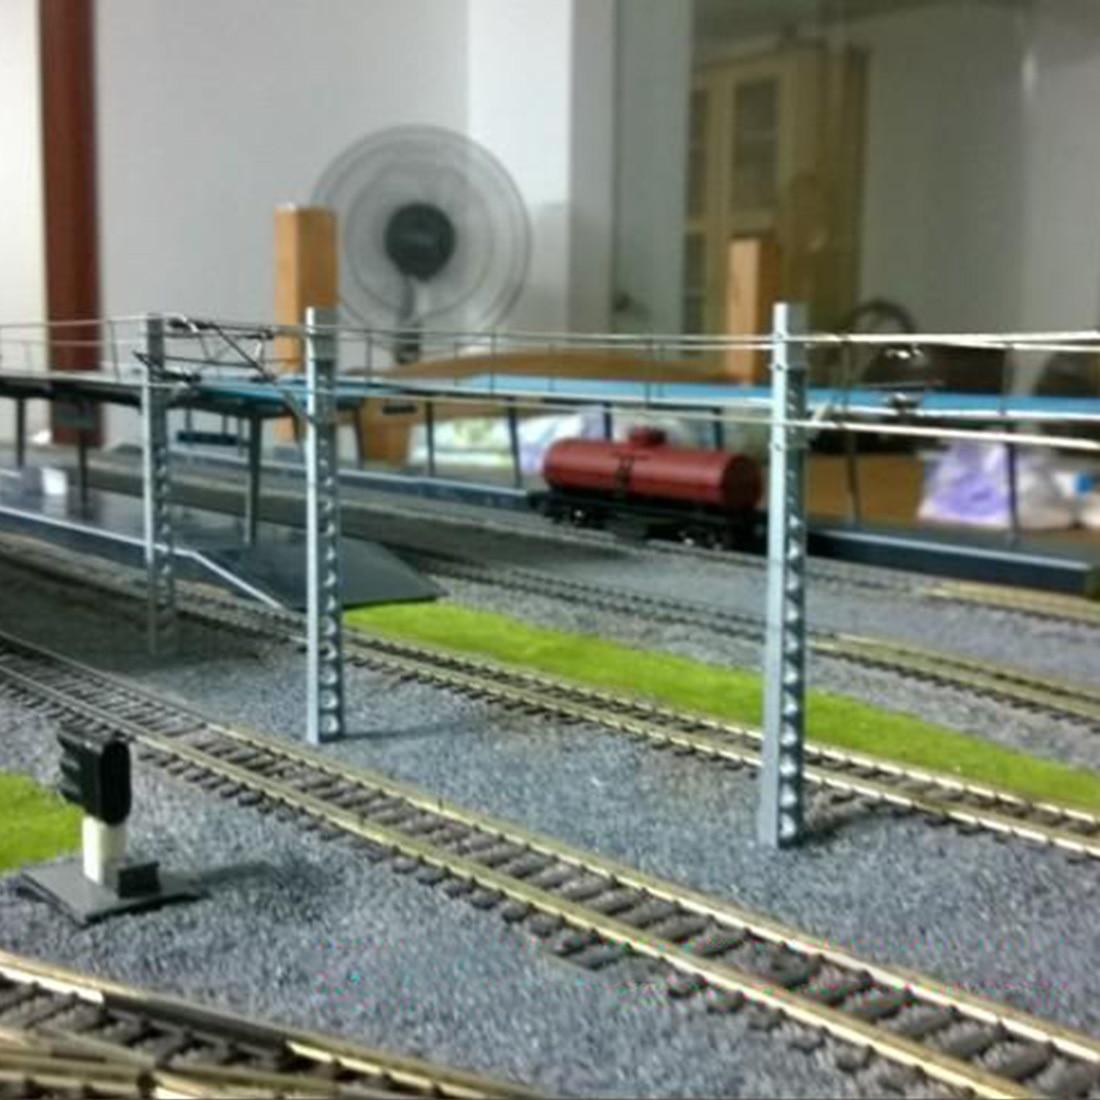 trem layout areia lastro-marrom (sem trilhas ferroviárias e outros edifícios)